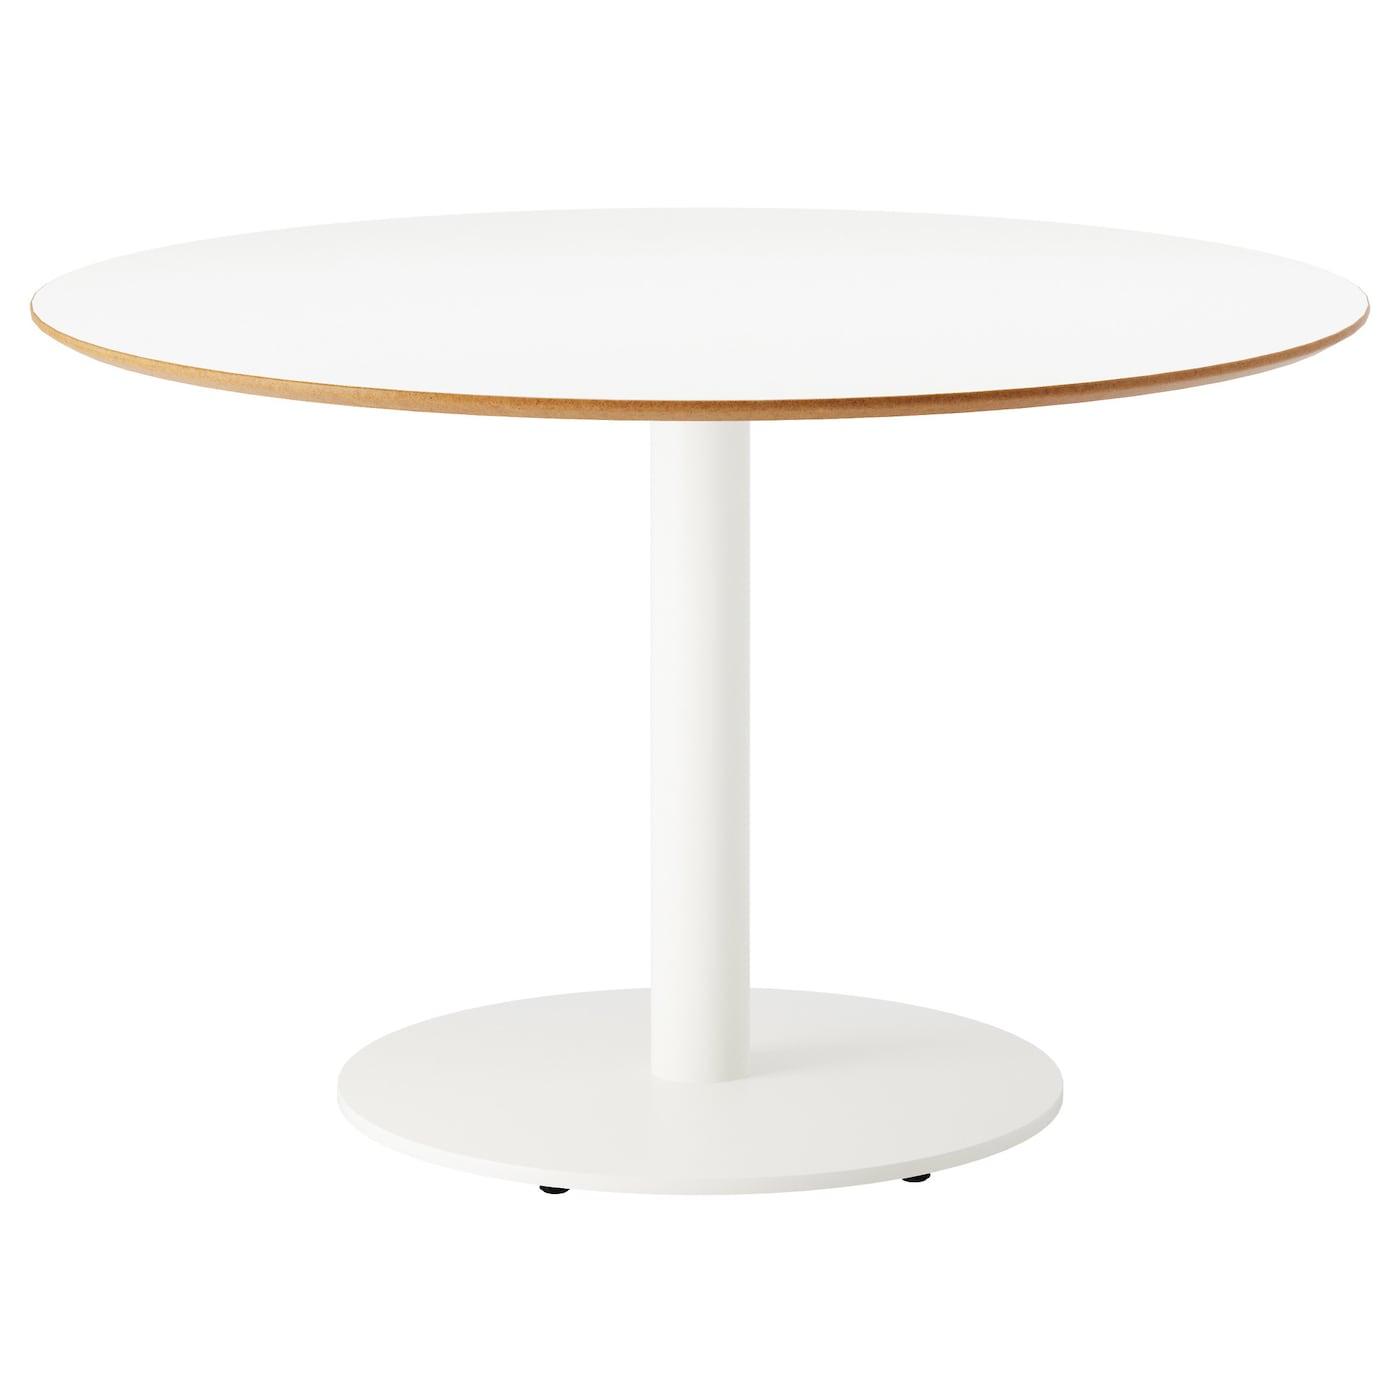 Billsta table white white 118 cm ikea for Ikea round pedestal table